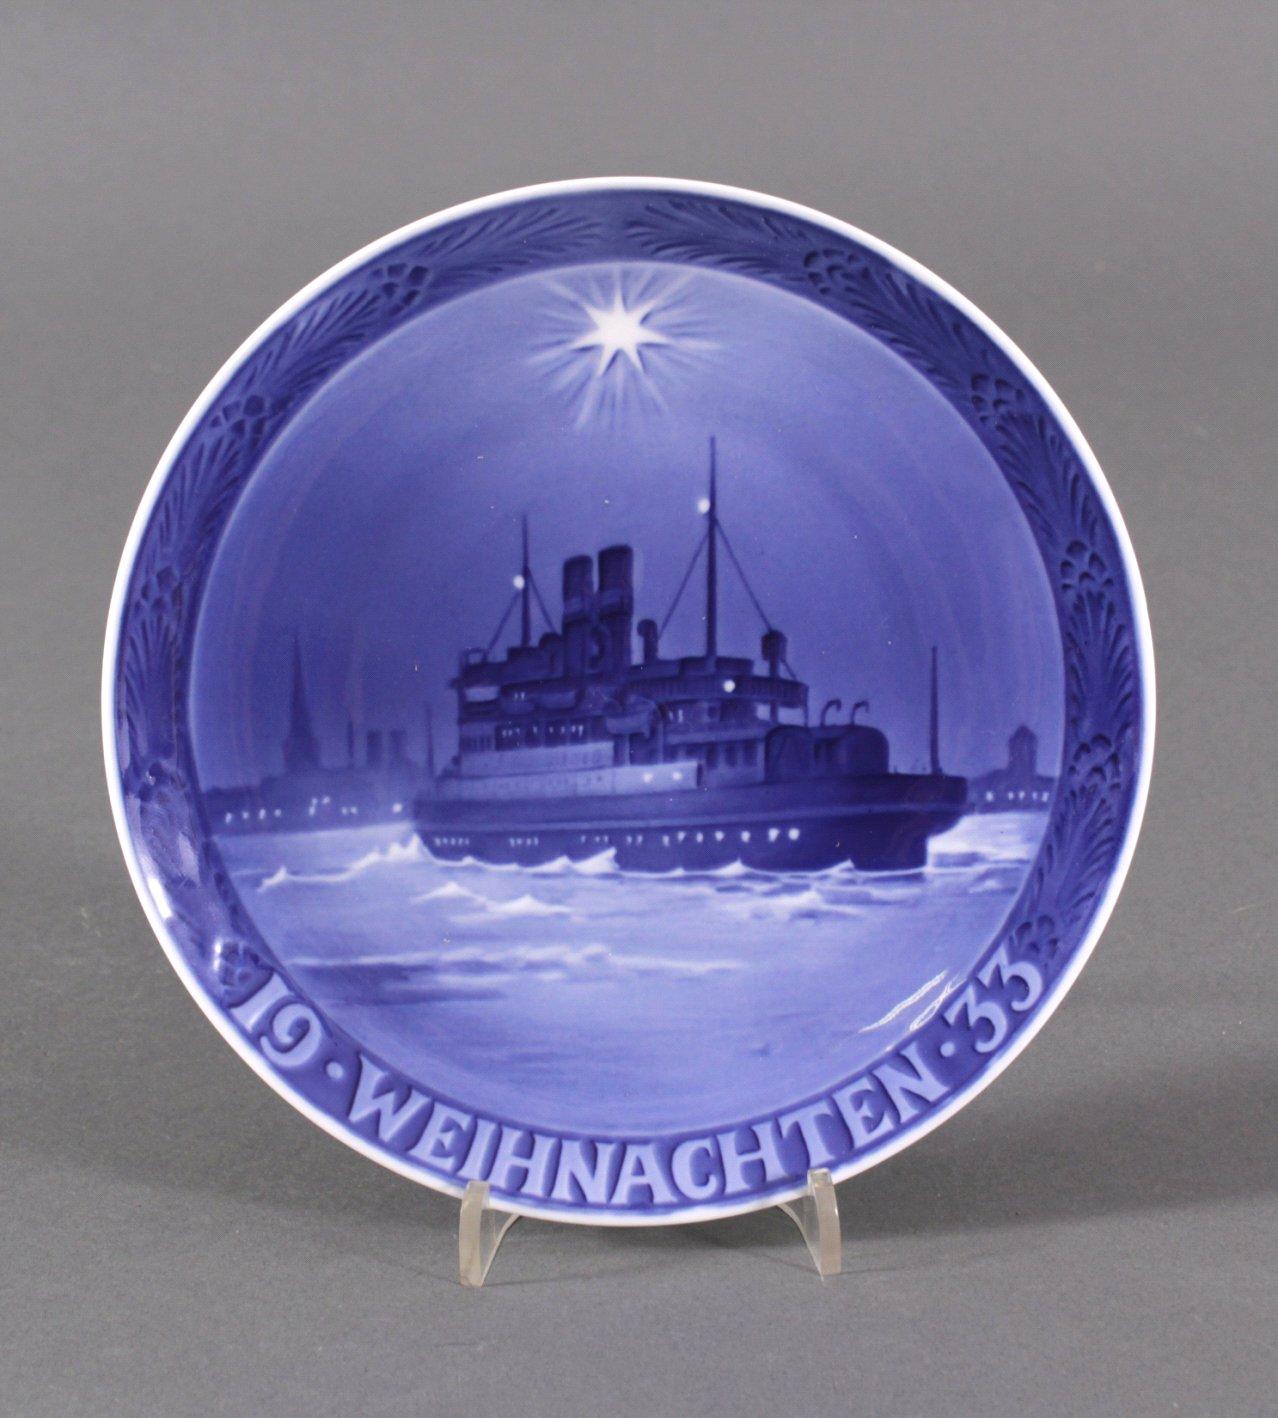 Weihnachtsteller Royal Copenhagen von 1933